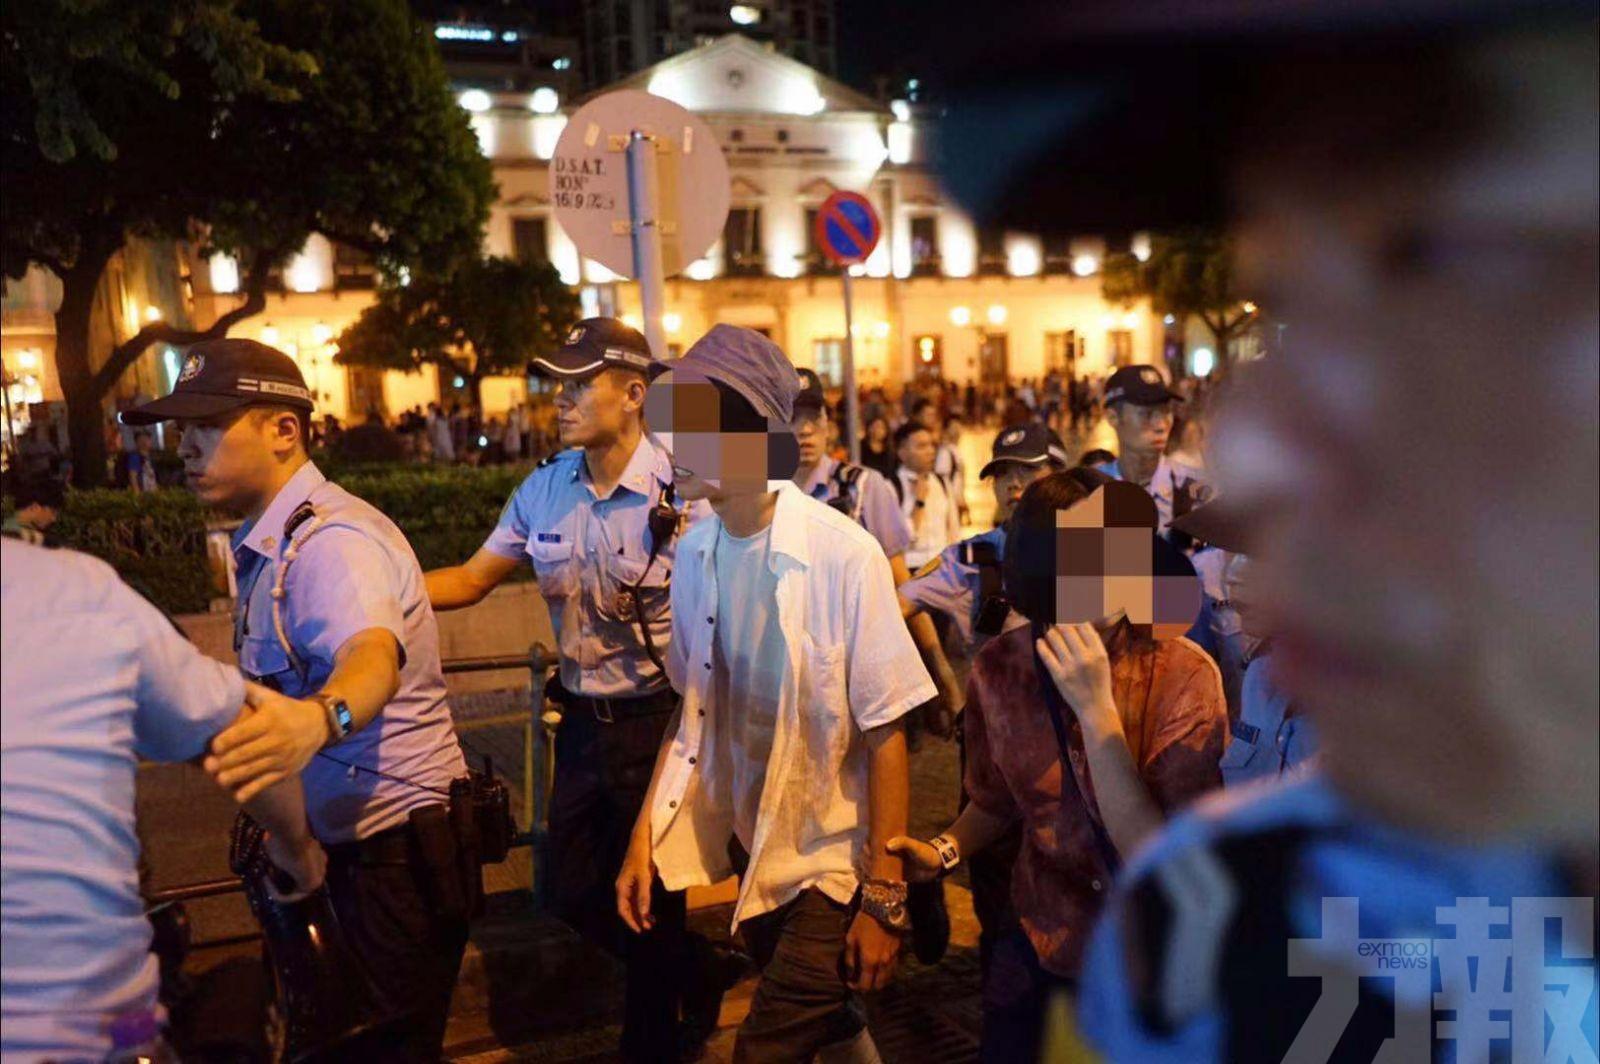 数十黑衣人澳门非法聚集:7人被带走 有人见警就逃